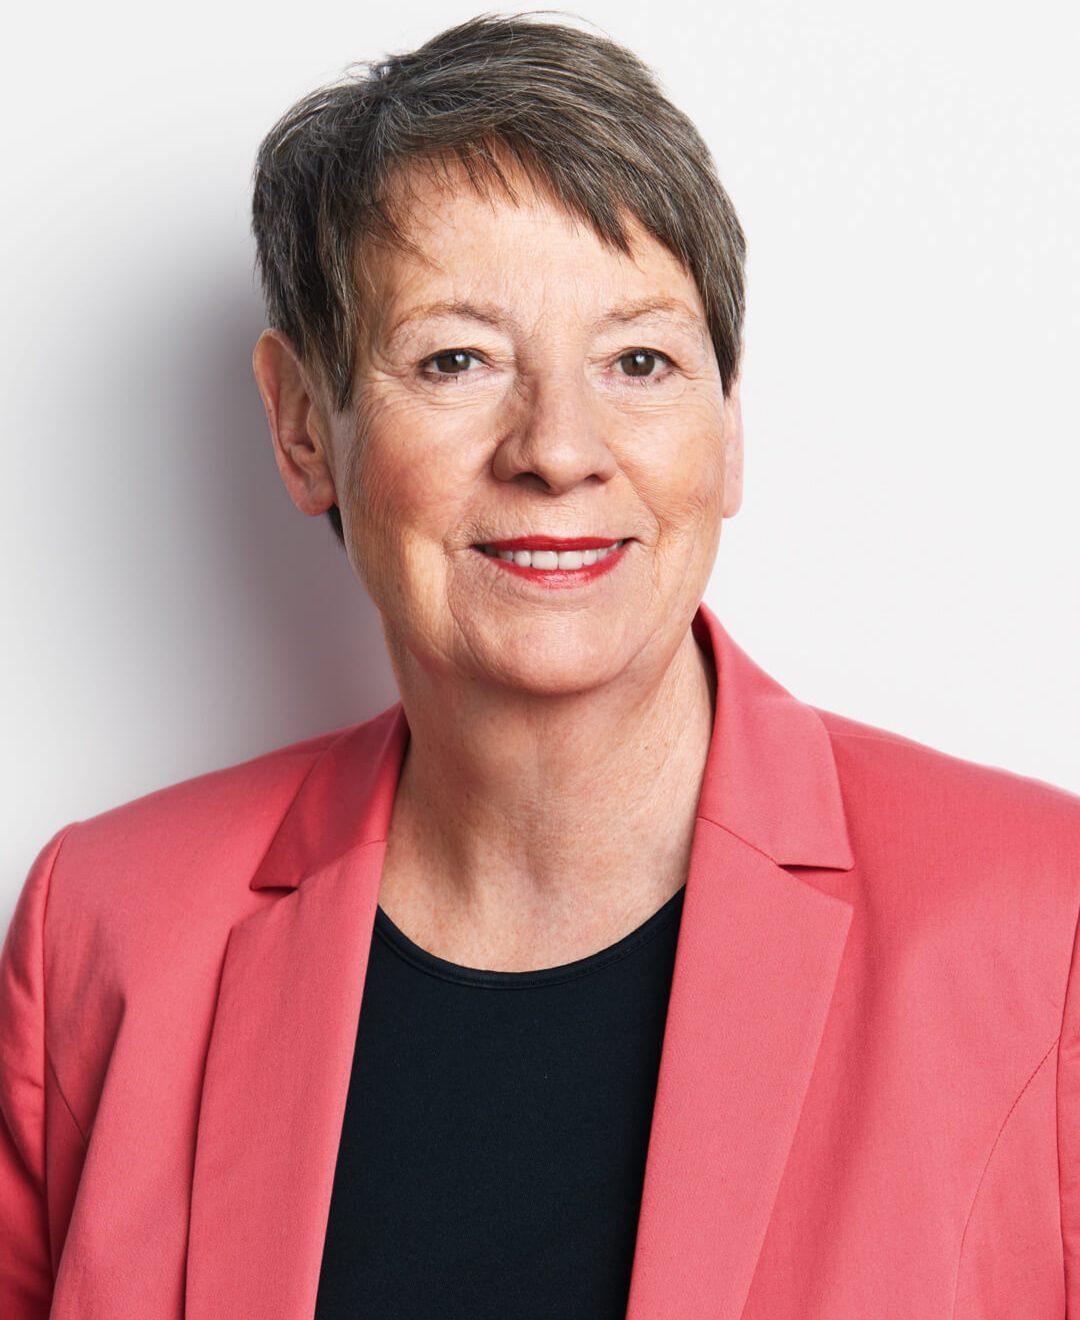 Barbara Hendricks, SPD NRW Bundestag